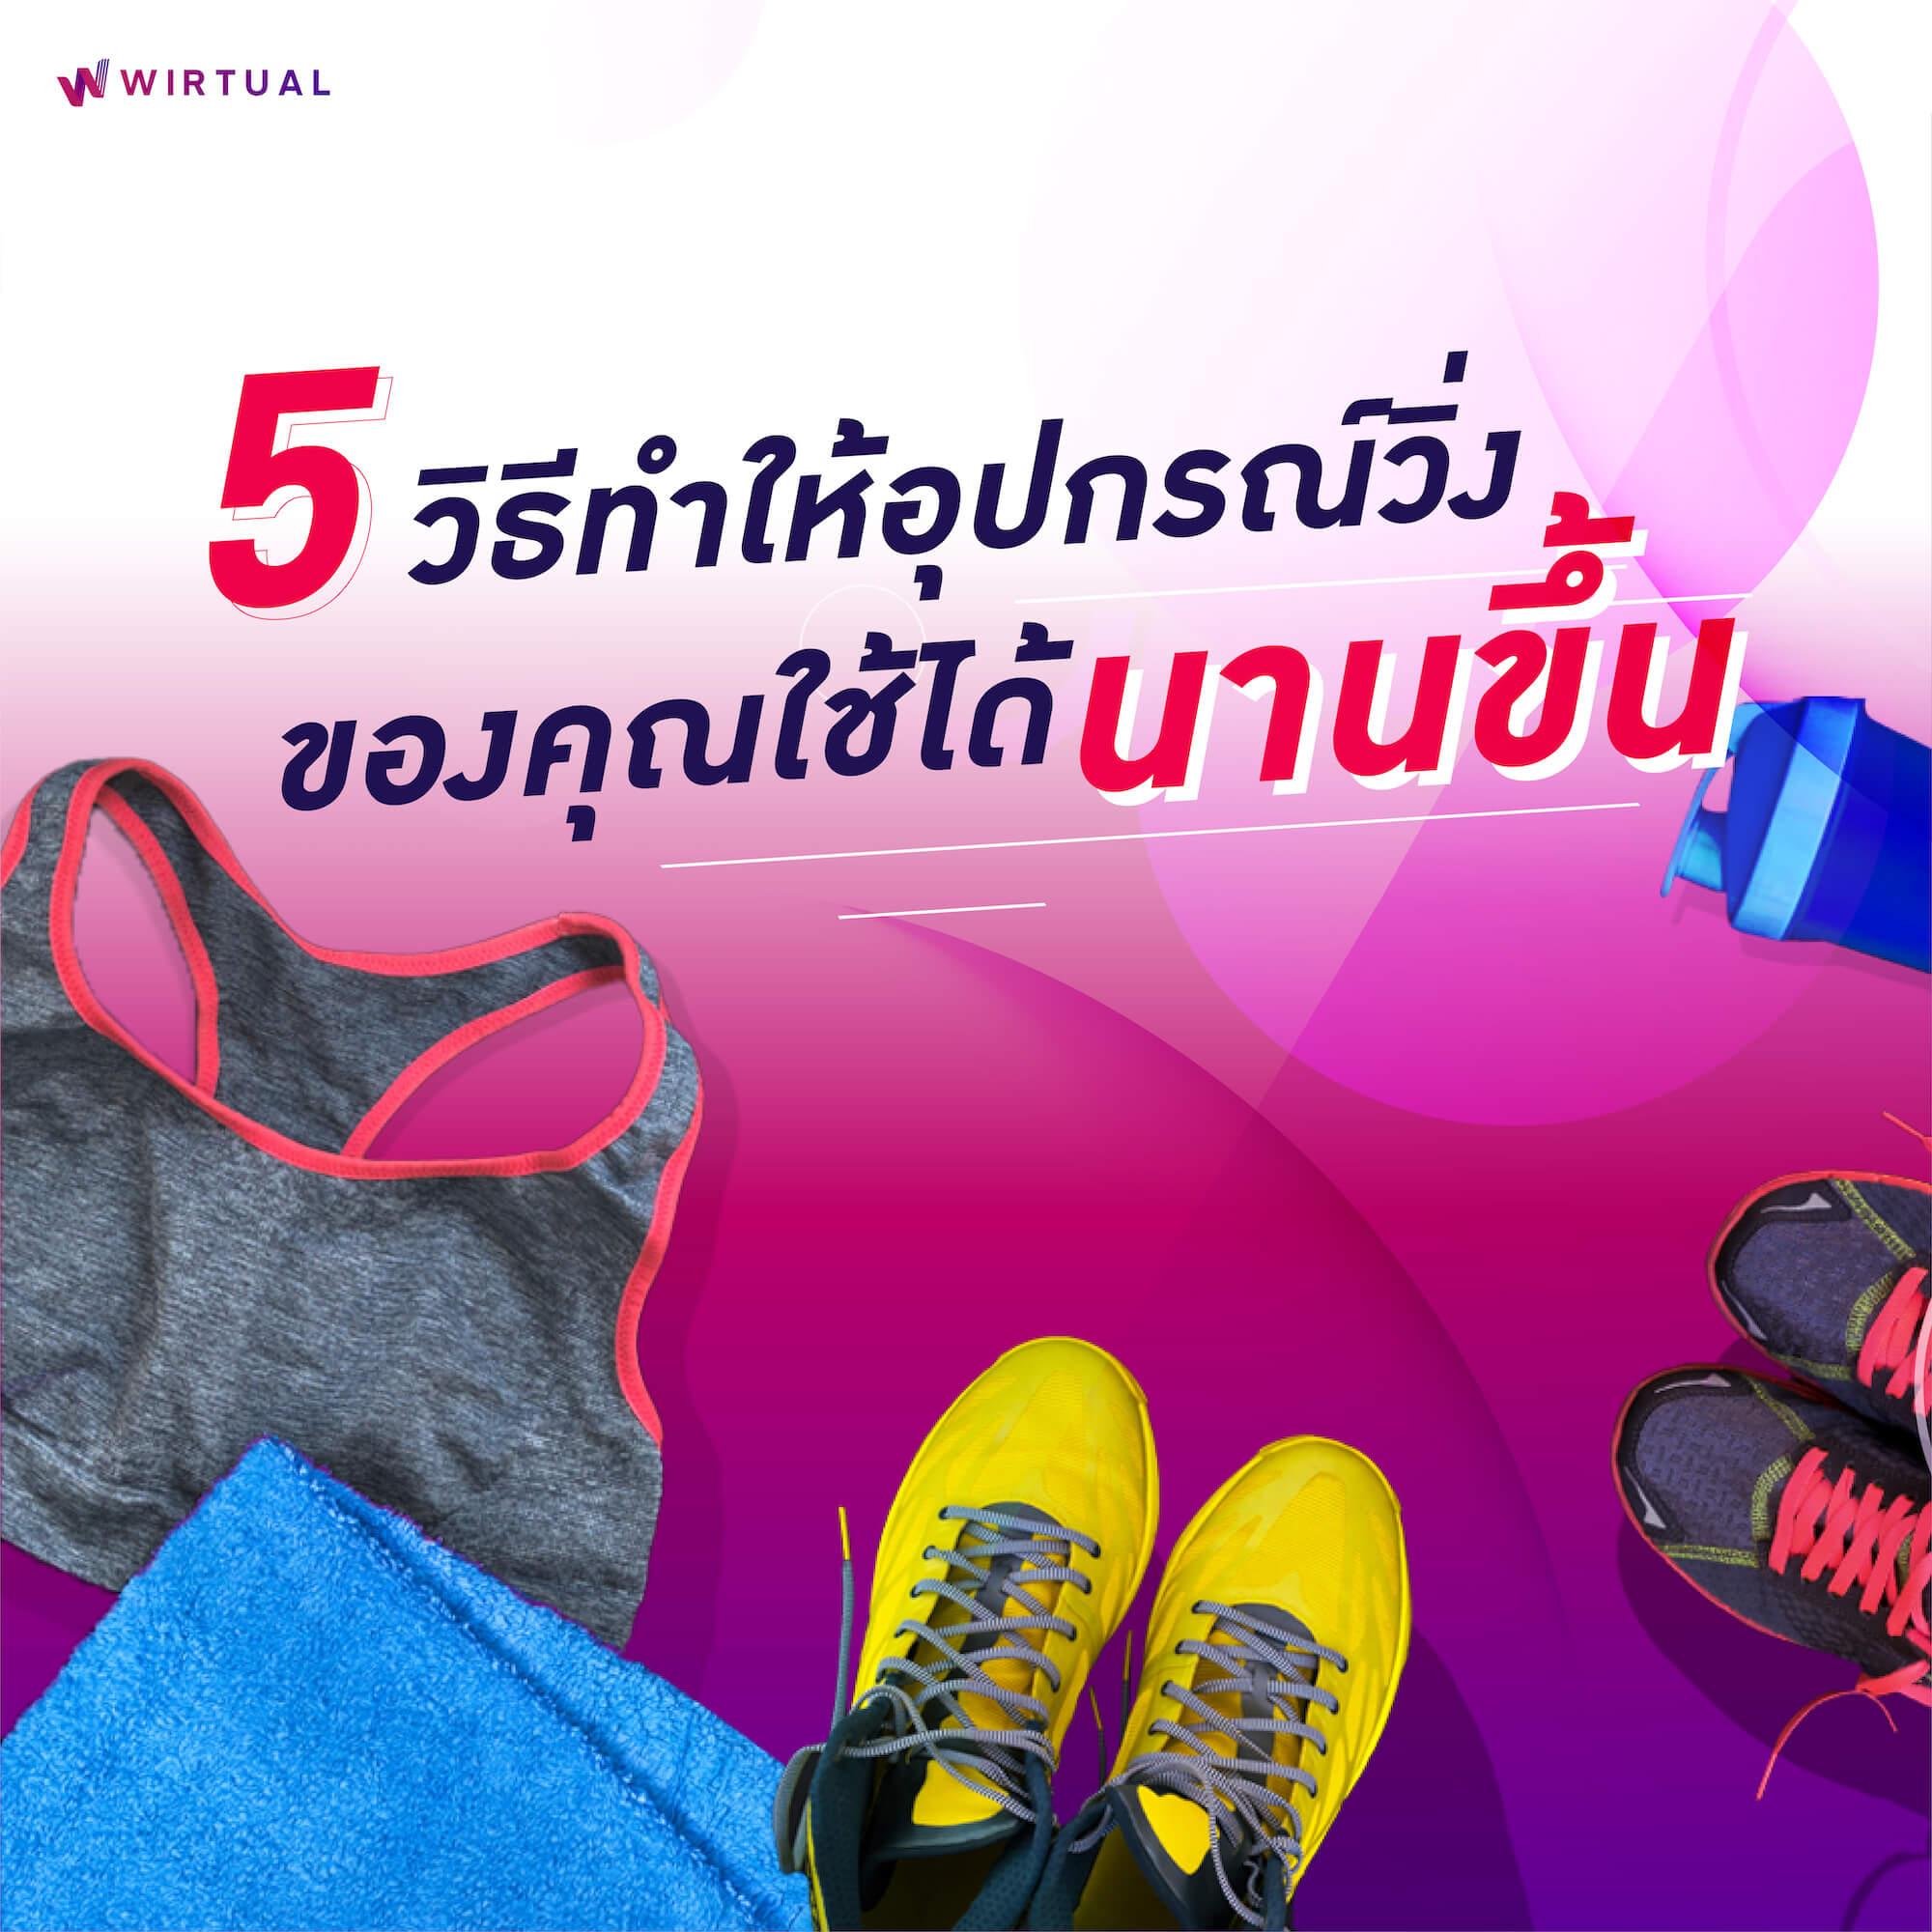 5 วิธีทำให้อุปกรณ์วิ่งของคุณใช้ได้นานขึ้น